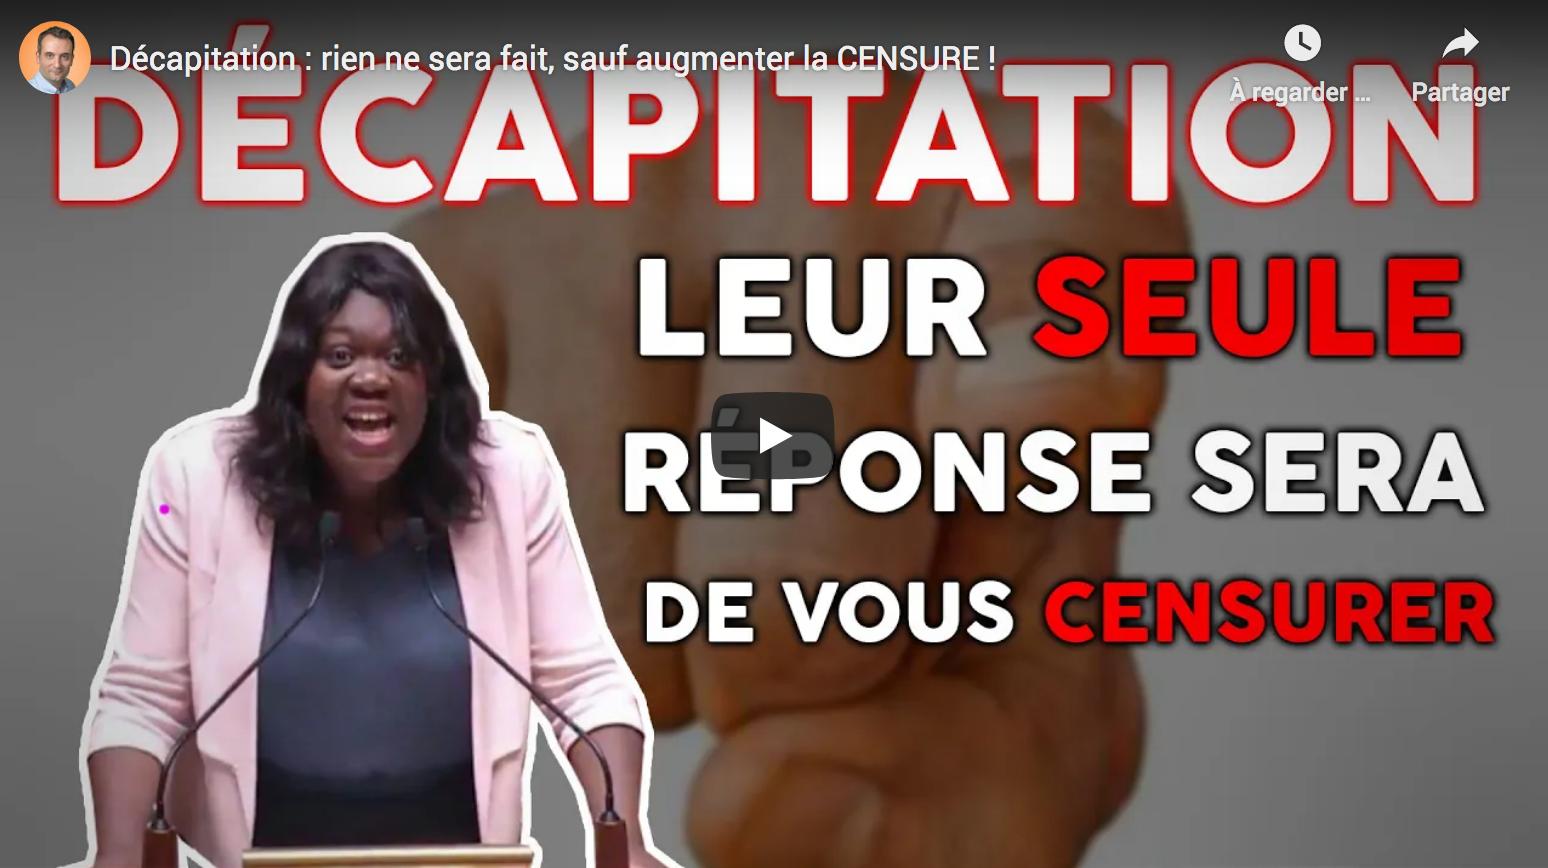 Décapitation de Samuel Paty : rien ne sera fait, sauf augmenter la censure des Français ! (Florian Philippot)